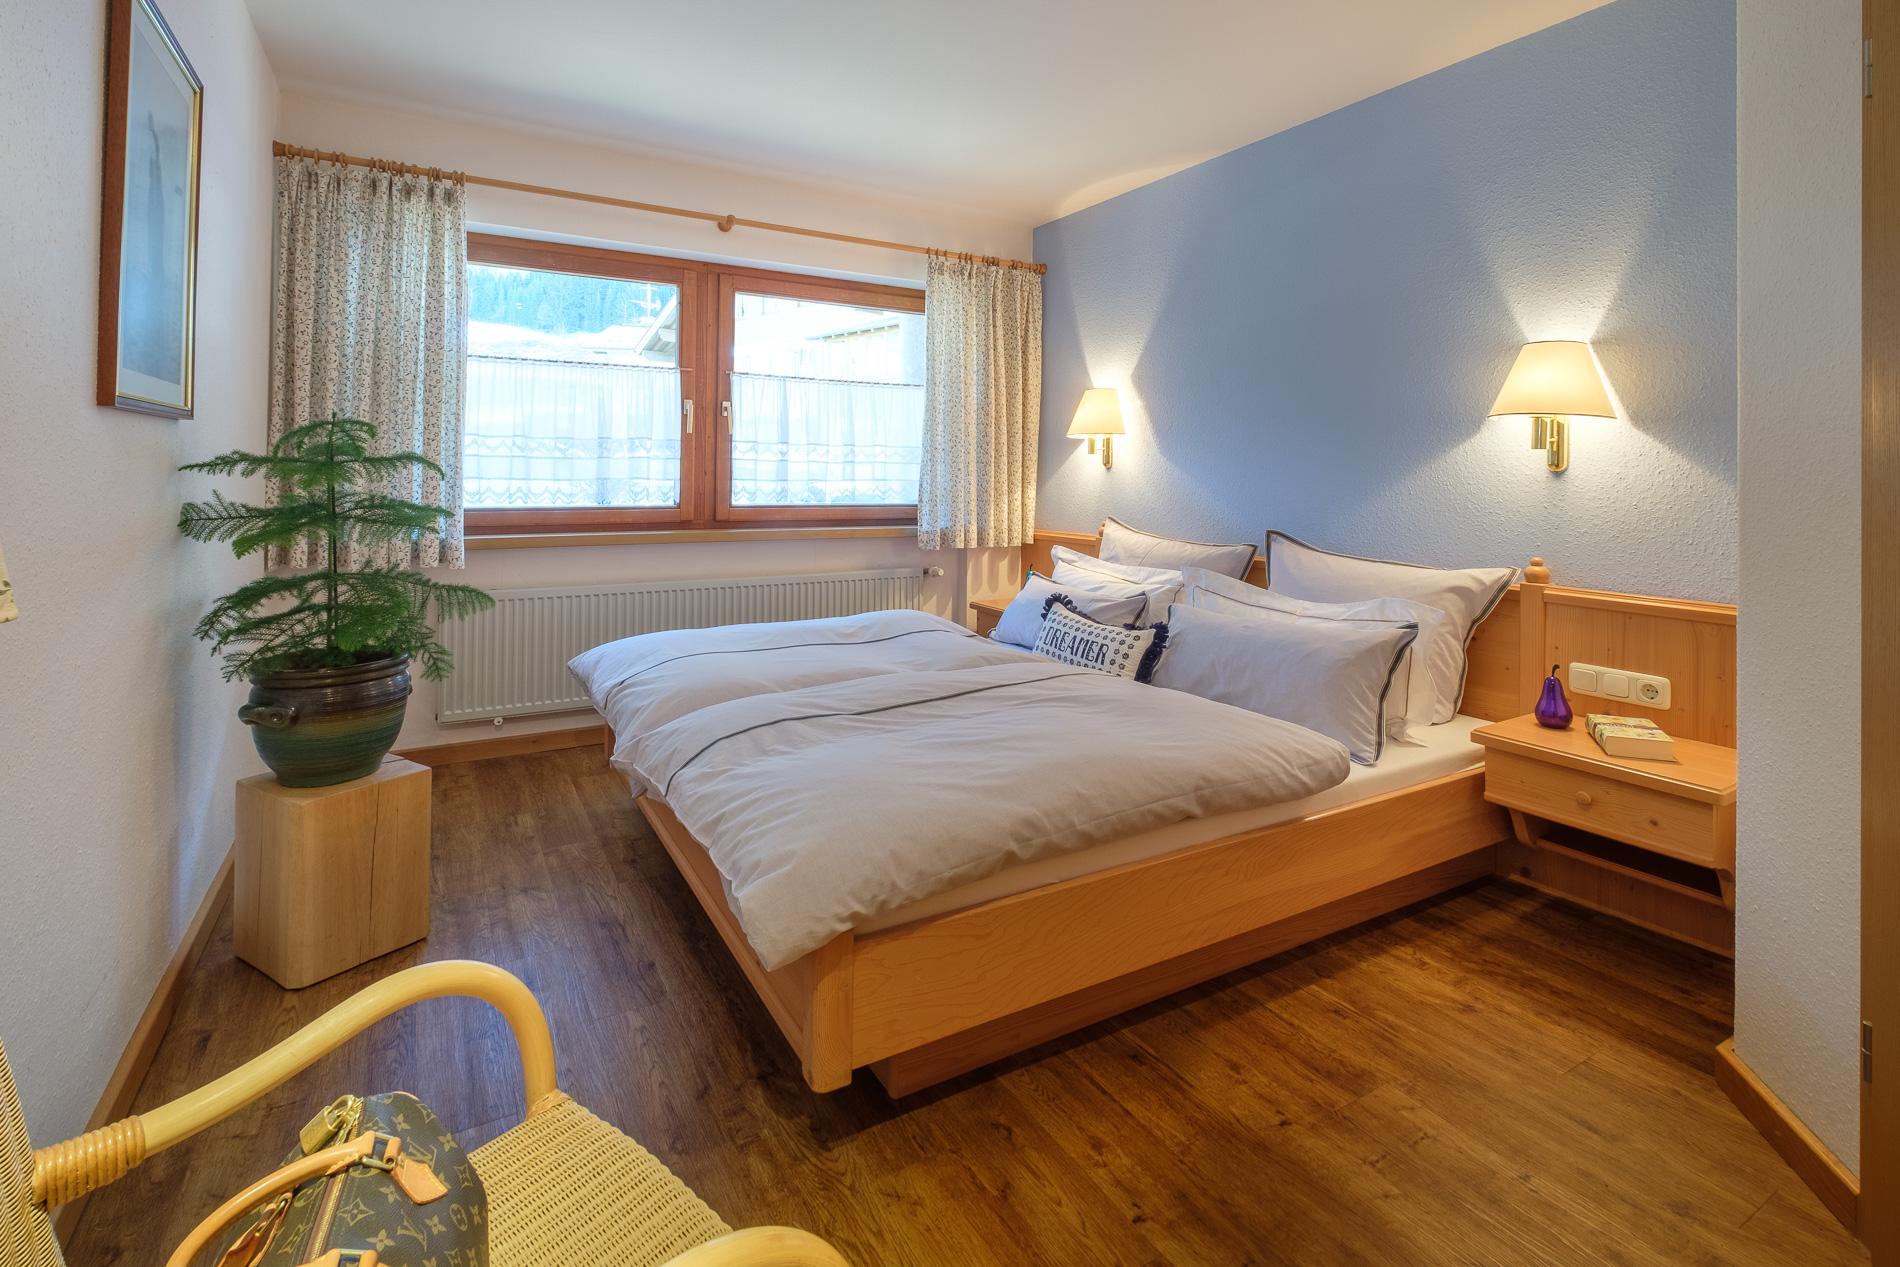 Schlafzimmer mit Außenjalousien.